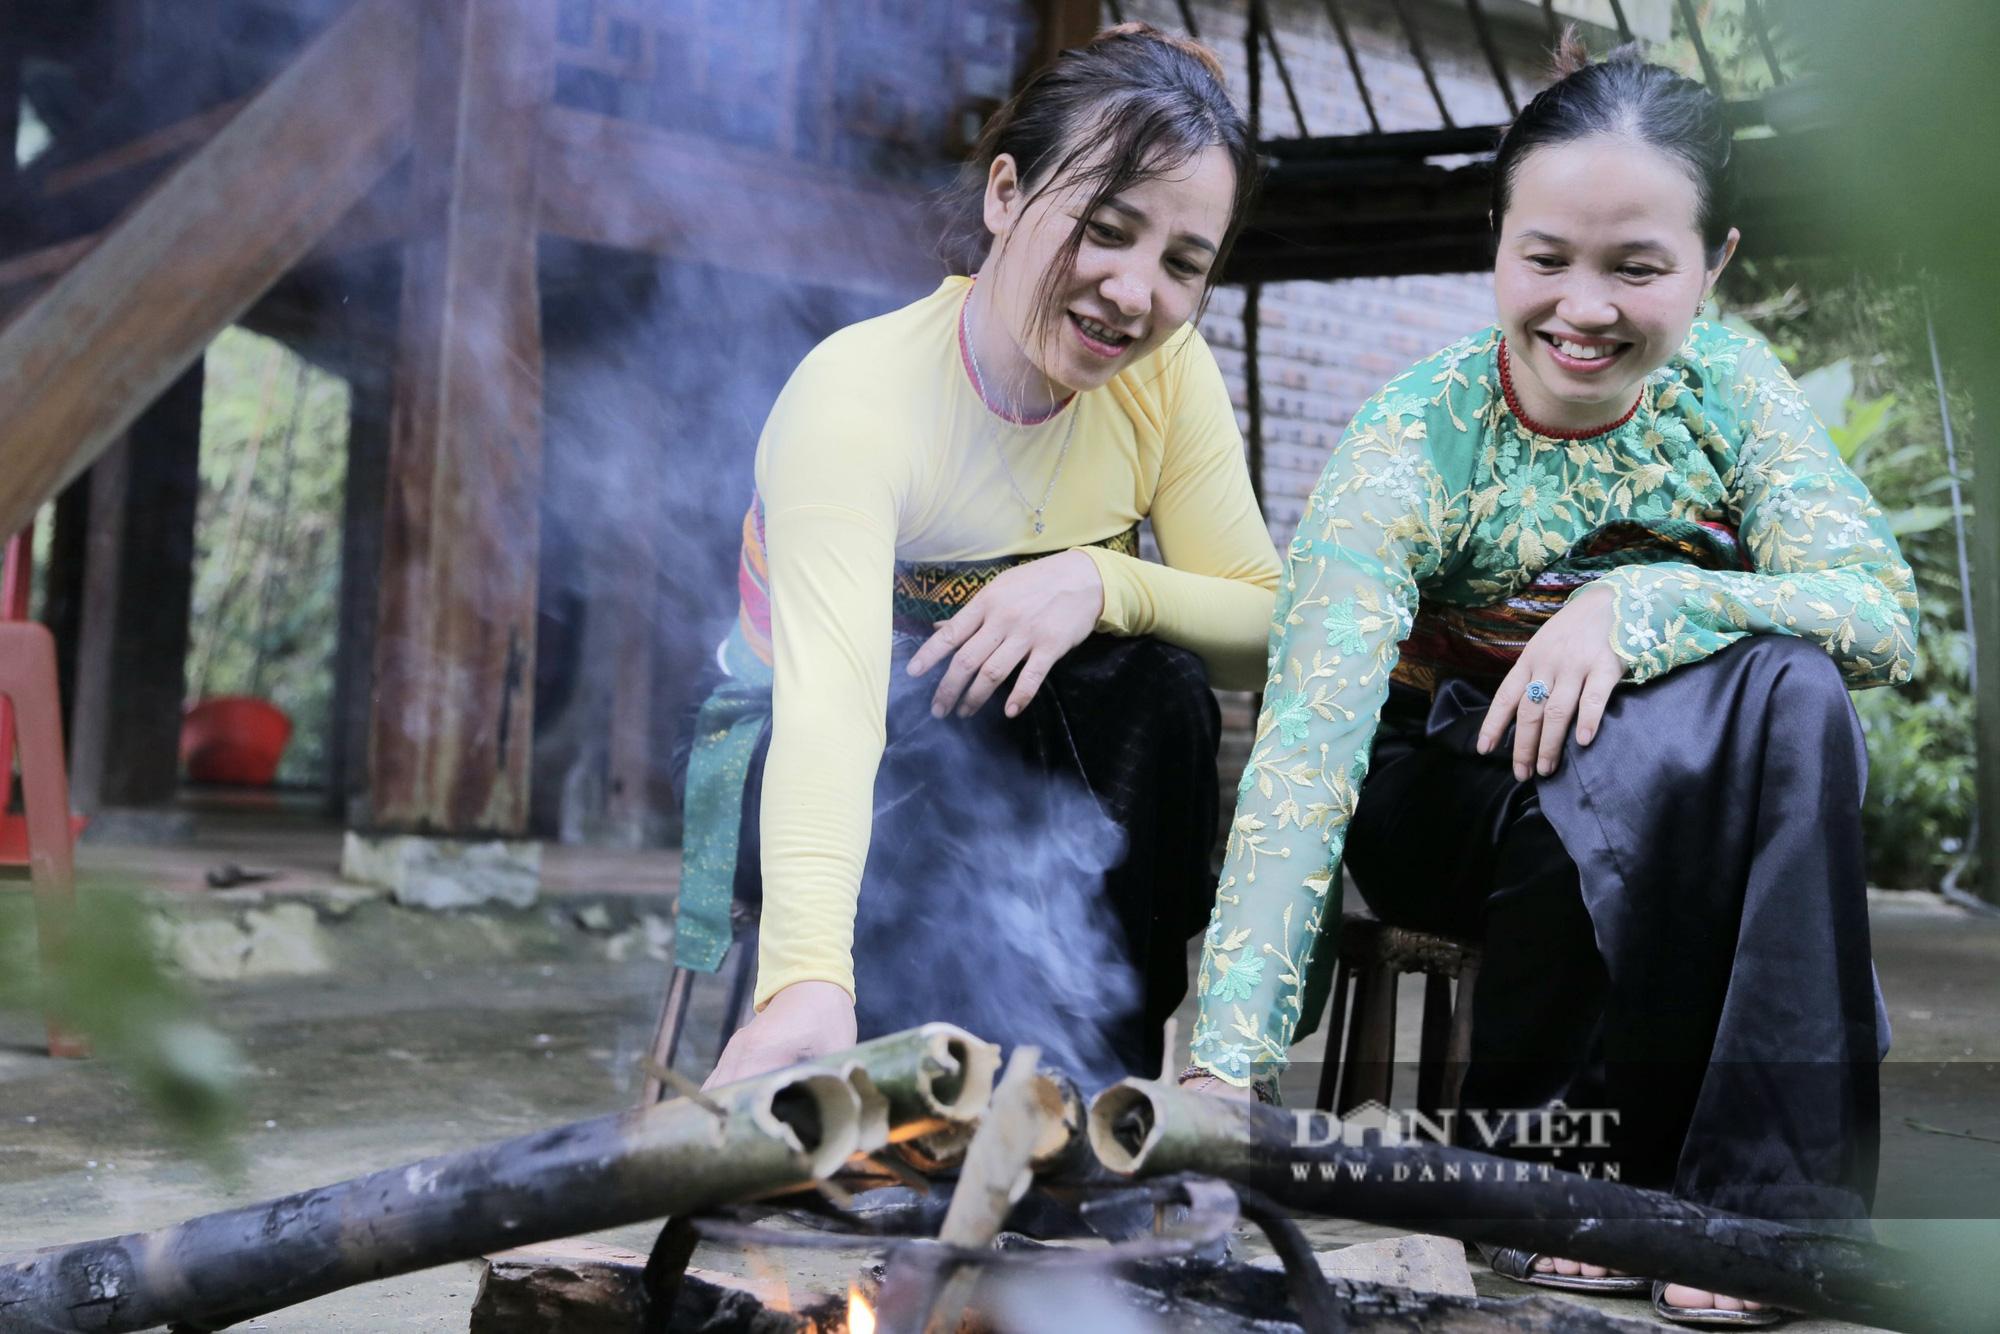 Đến Pù Luông thưởng thức món cơm lam truyền thống dân tộc Thái nơi đây - Ảnh 7.